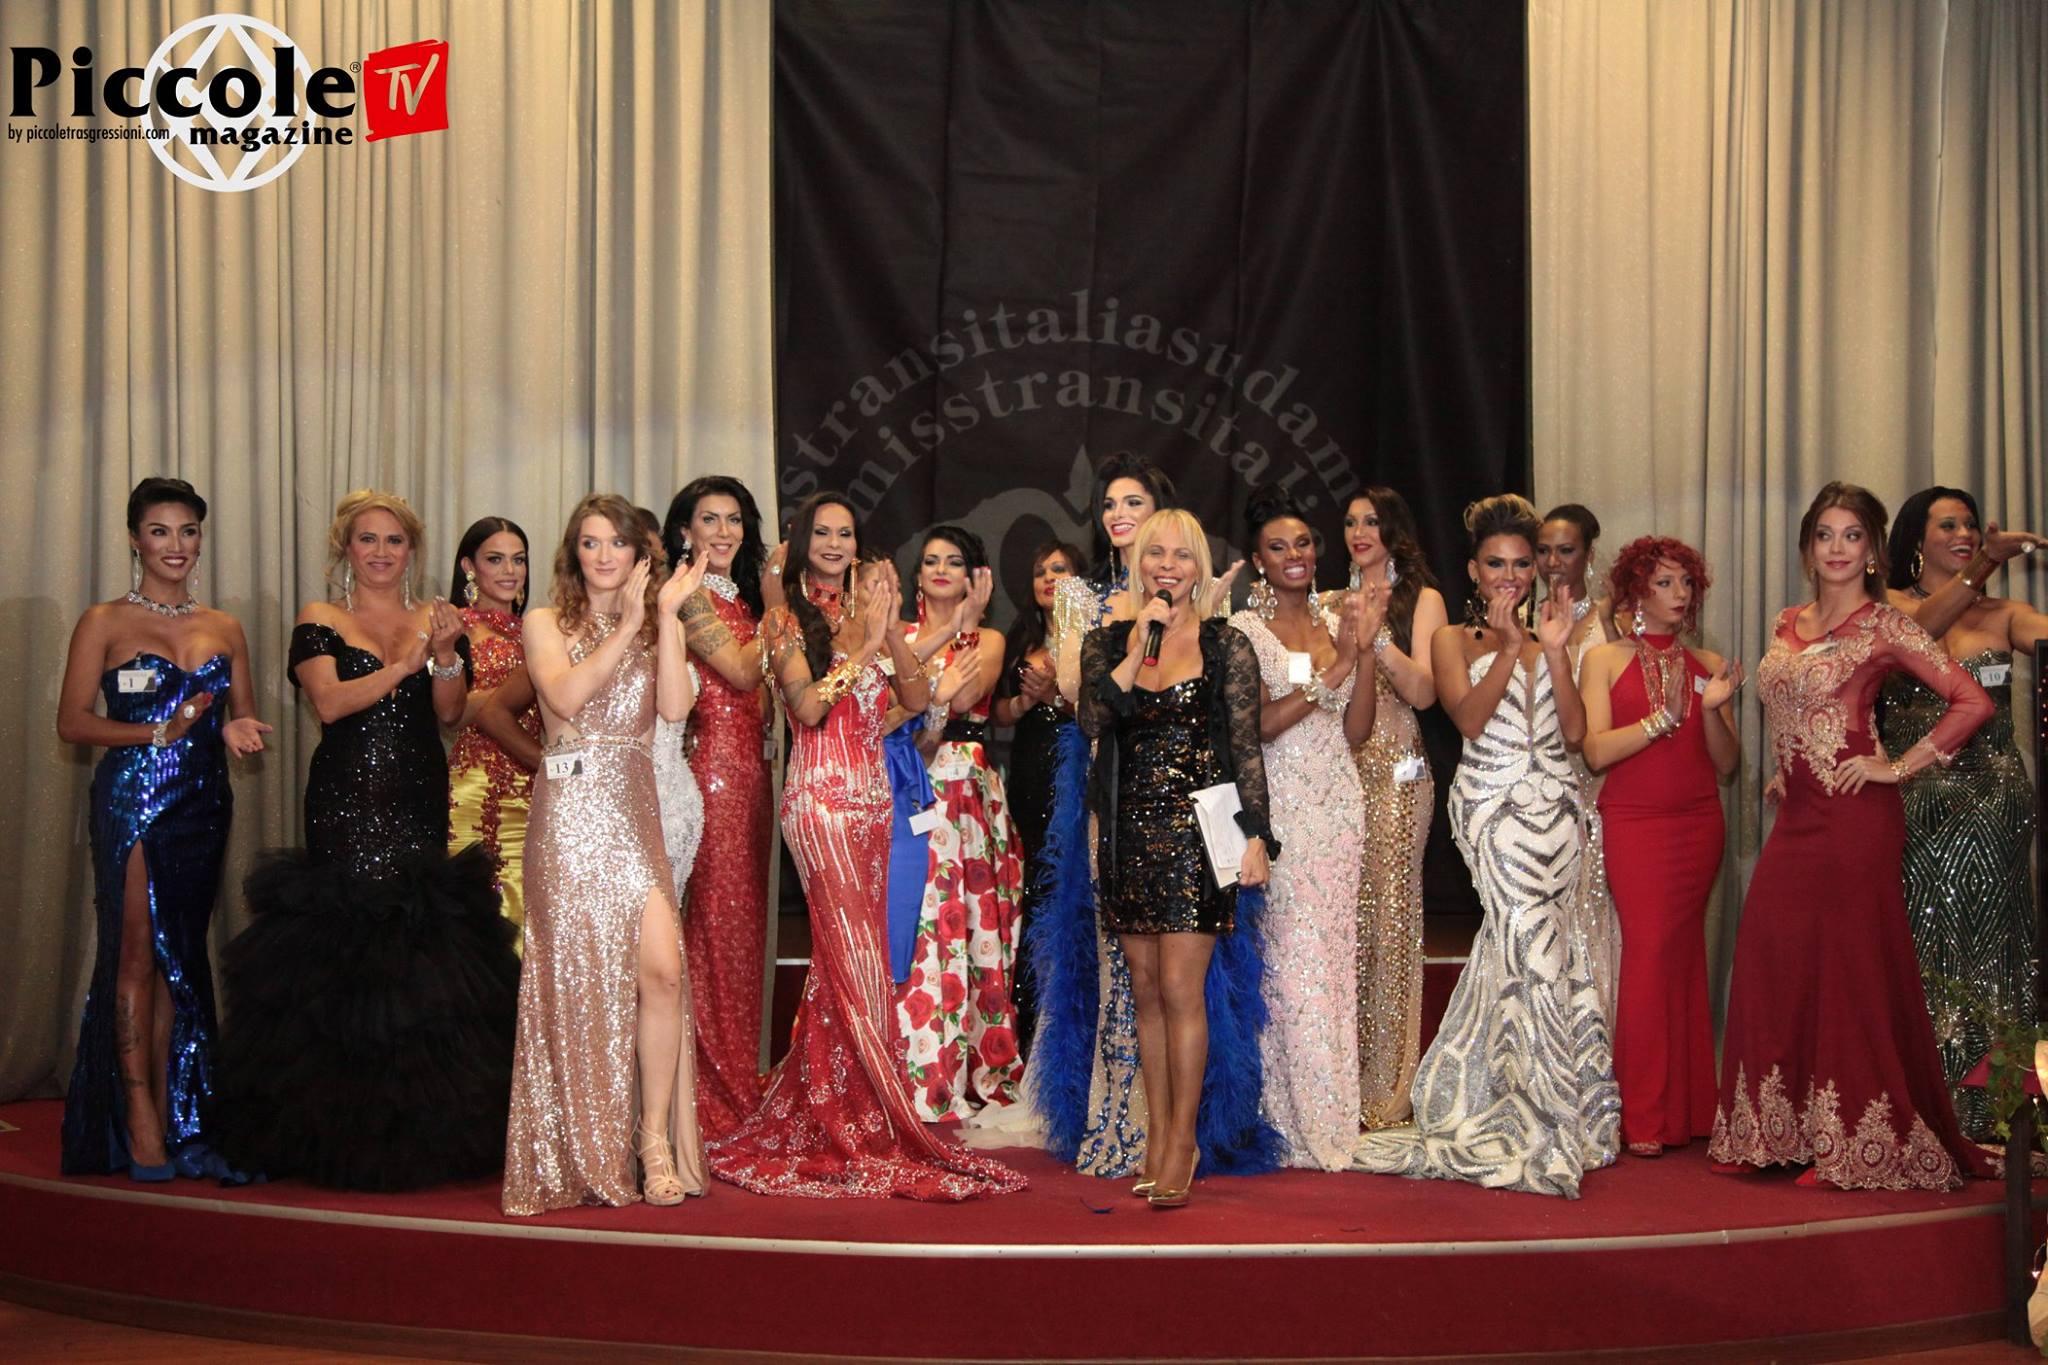 Regina insieme alle partecipanti al Miss Trans Italia